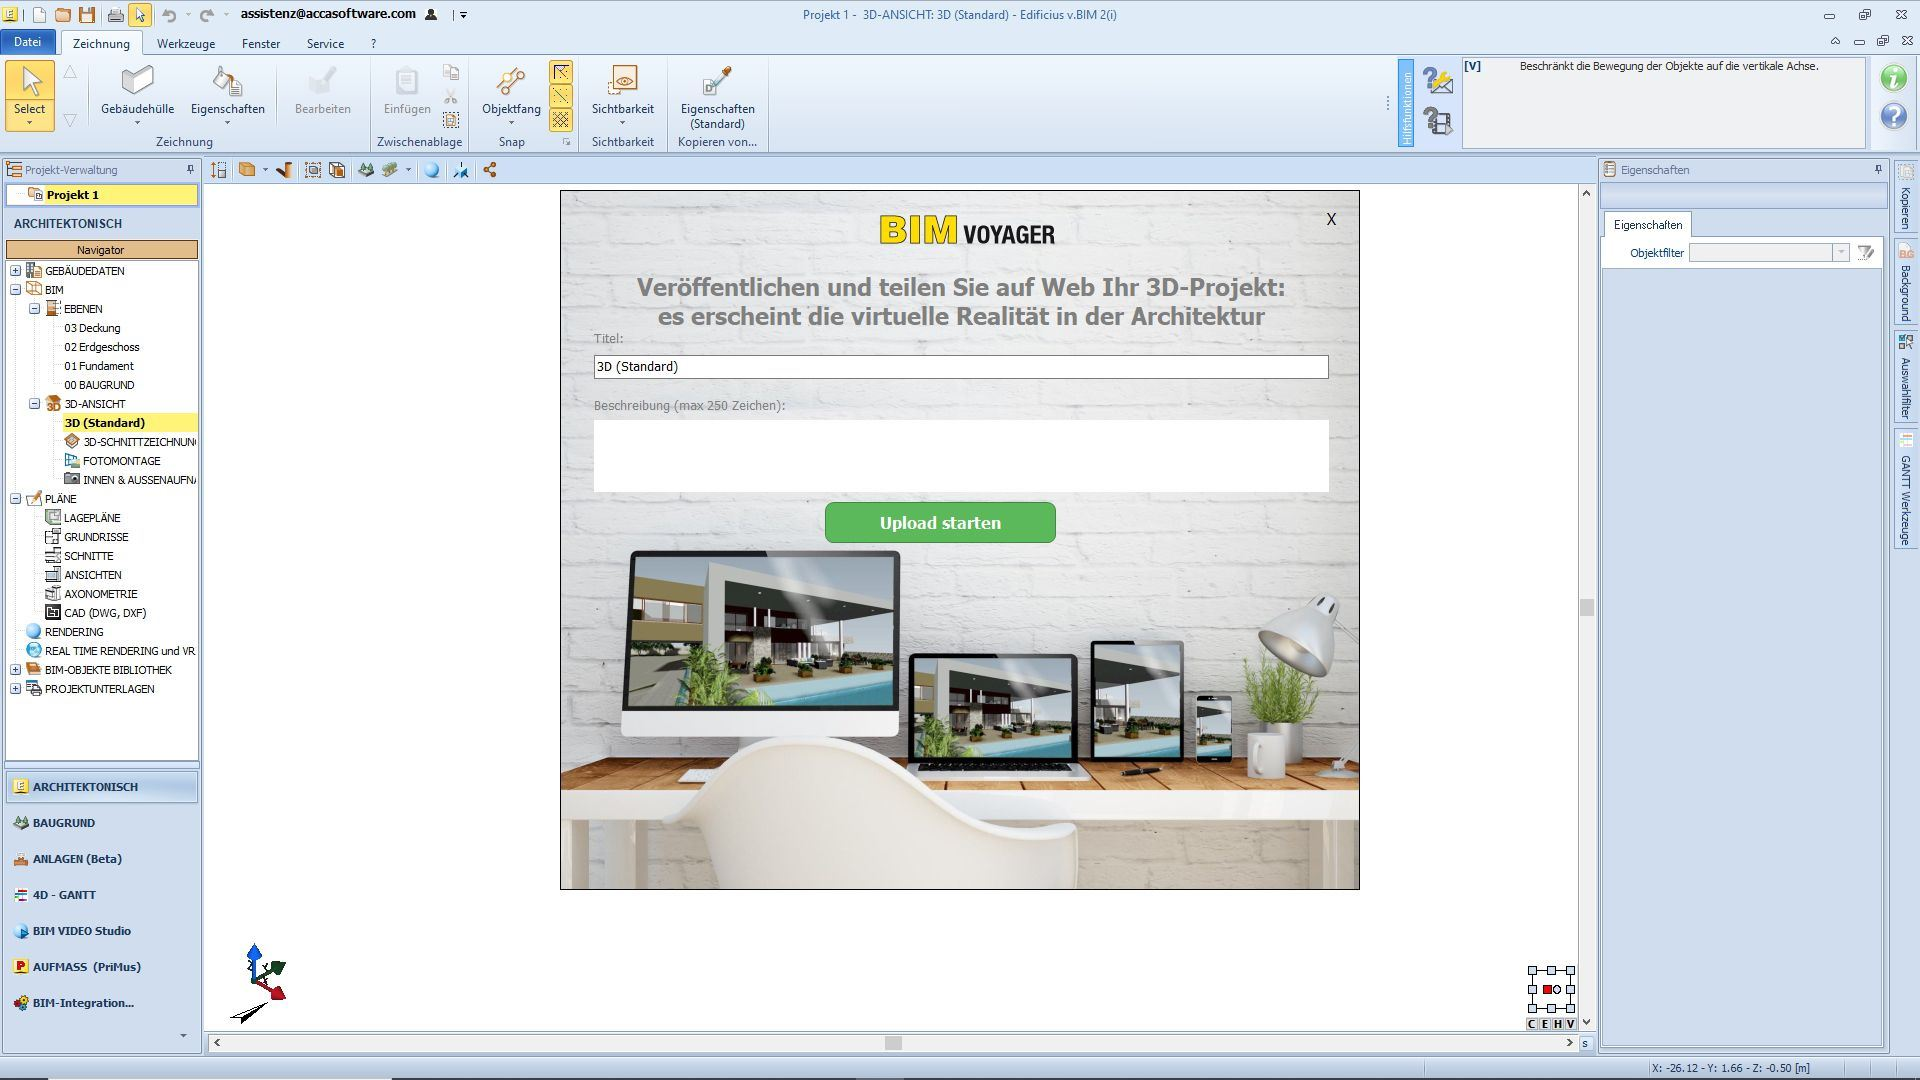 Bild das BIM VOYAGER anzeigt | Die Plattform, um Ihre BIM-Modelle online zu visualisieren und zu teilen